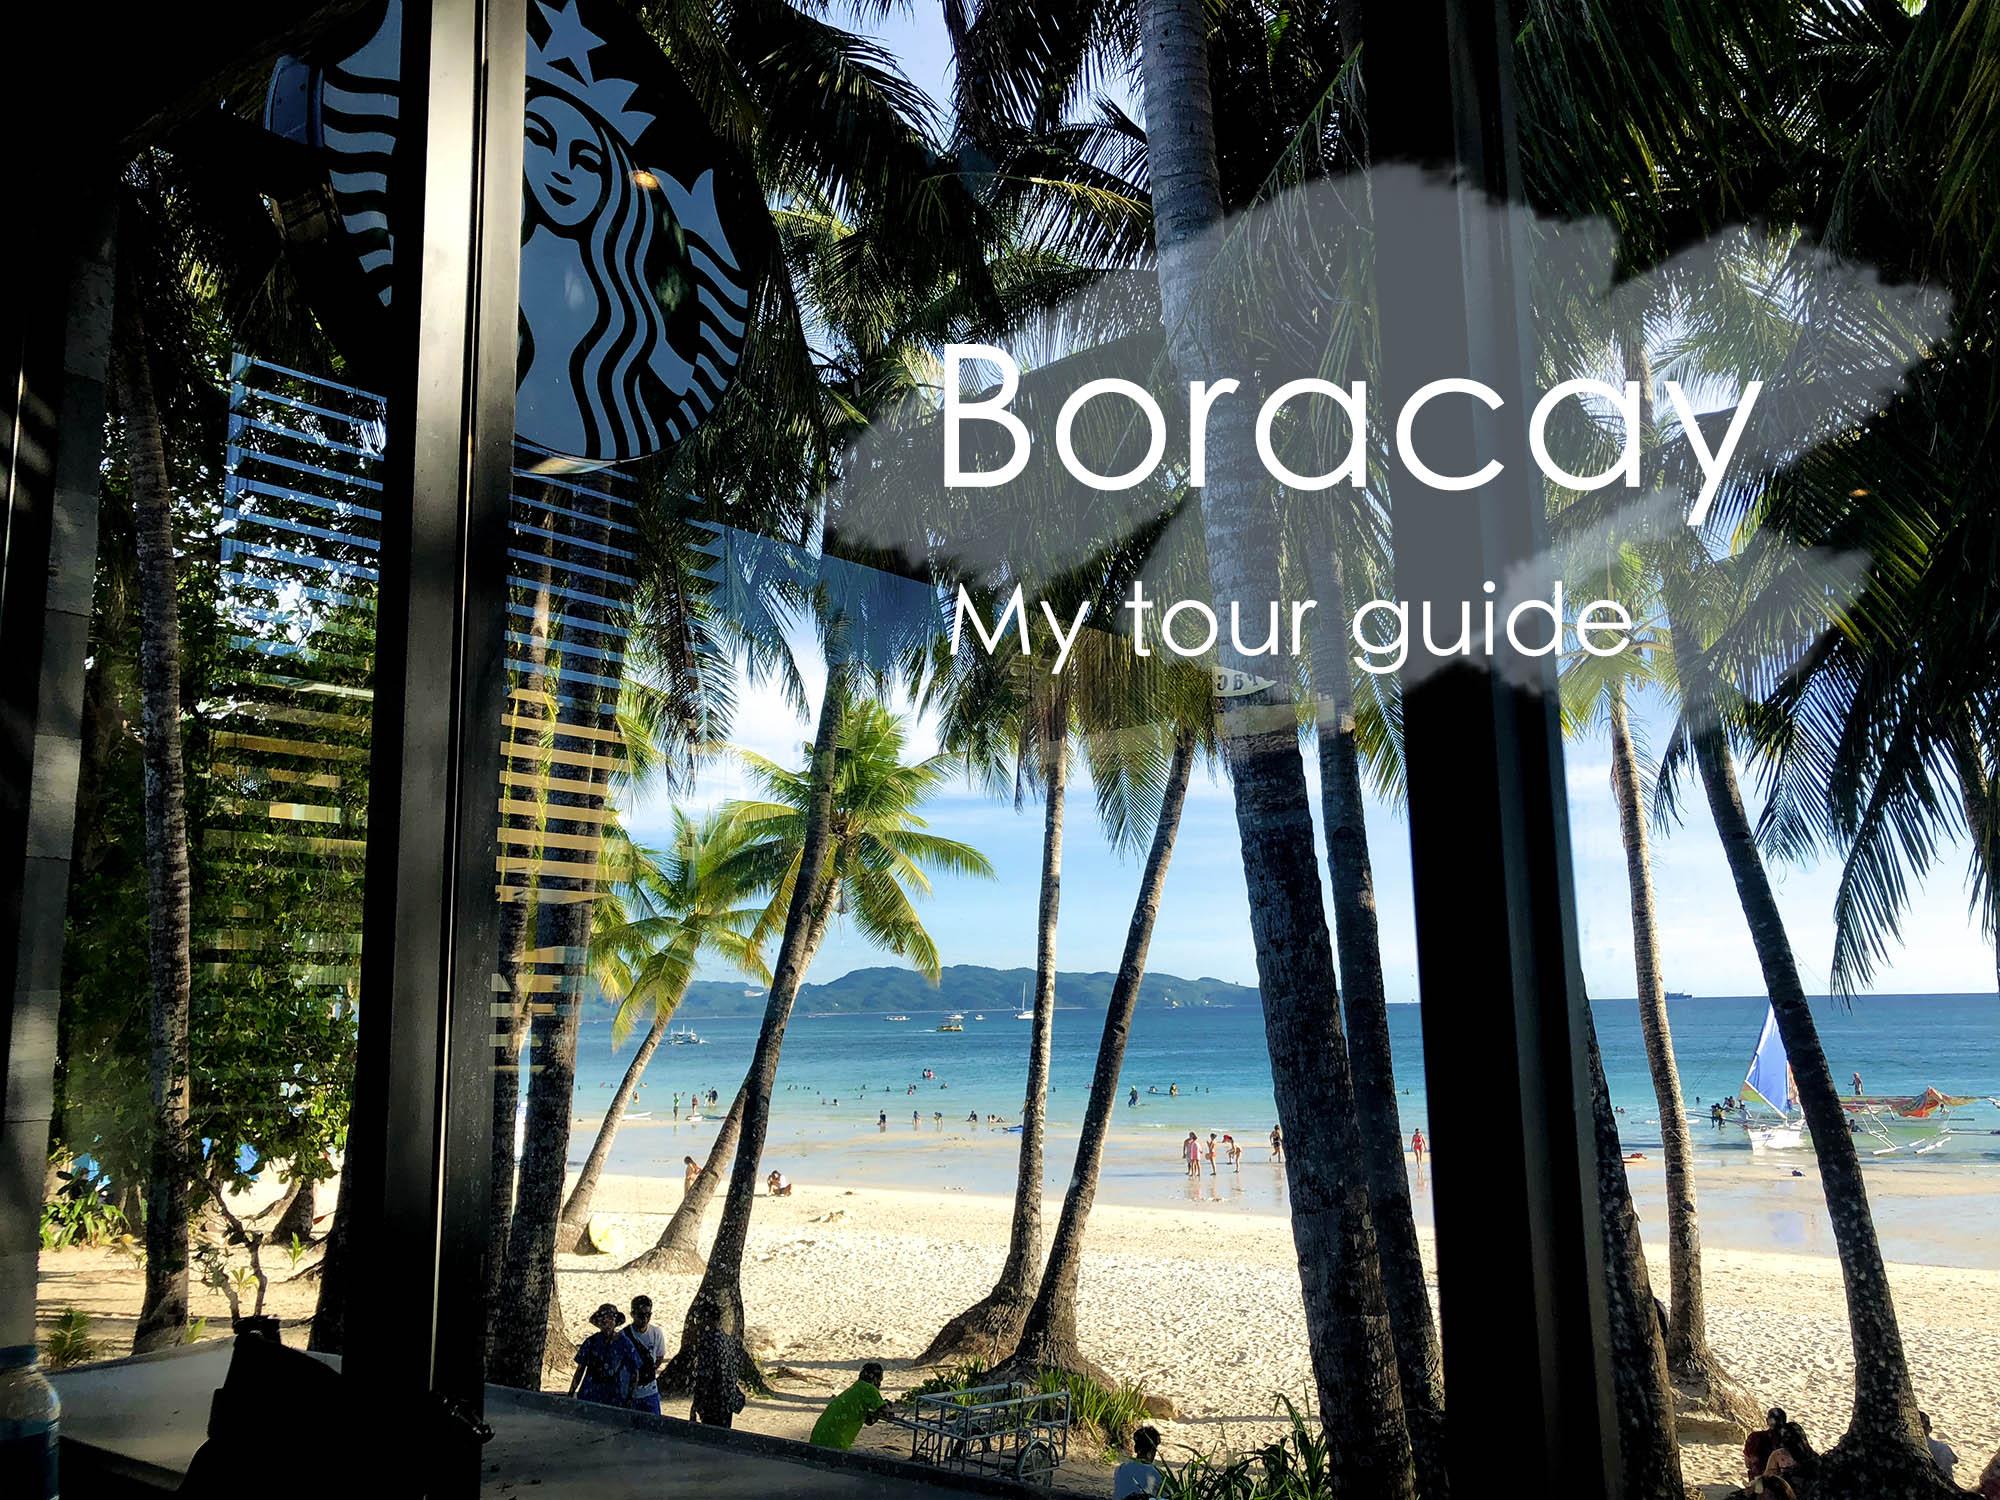 長灘島Boracay|參加小團半自助旅行社,多人旅遊、帶小孩出遊的高C/P神助手!